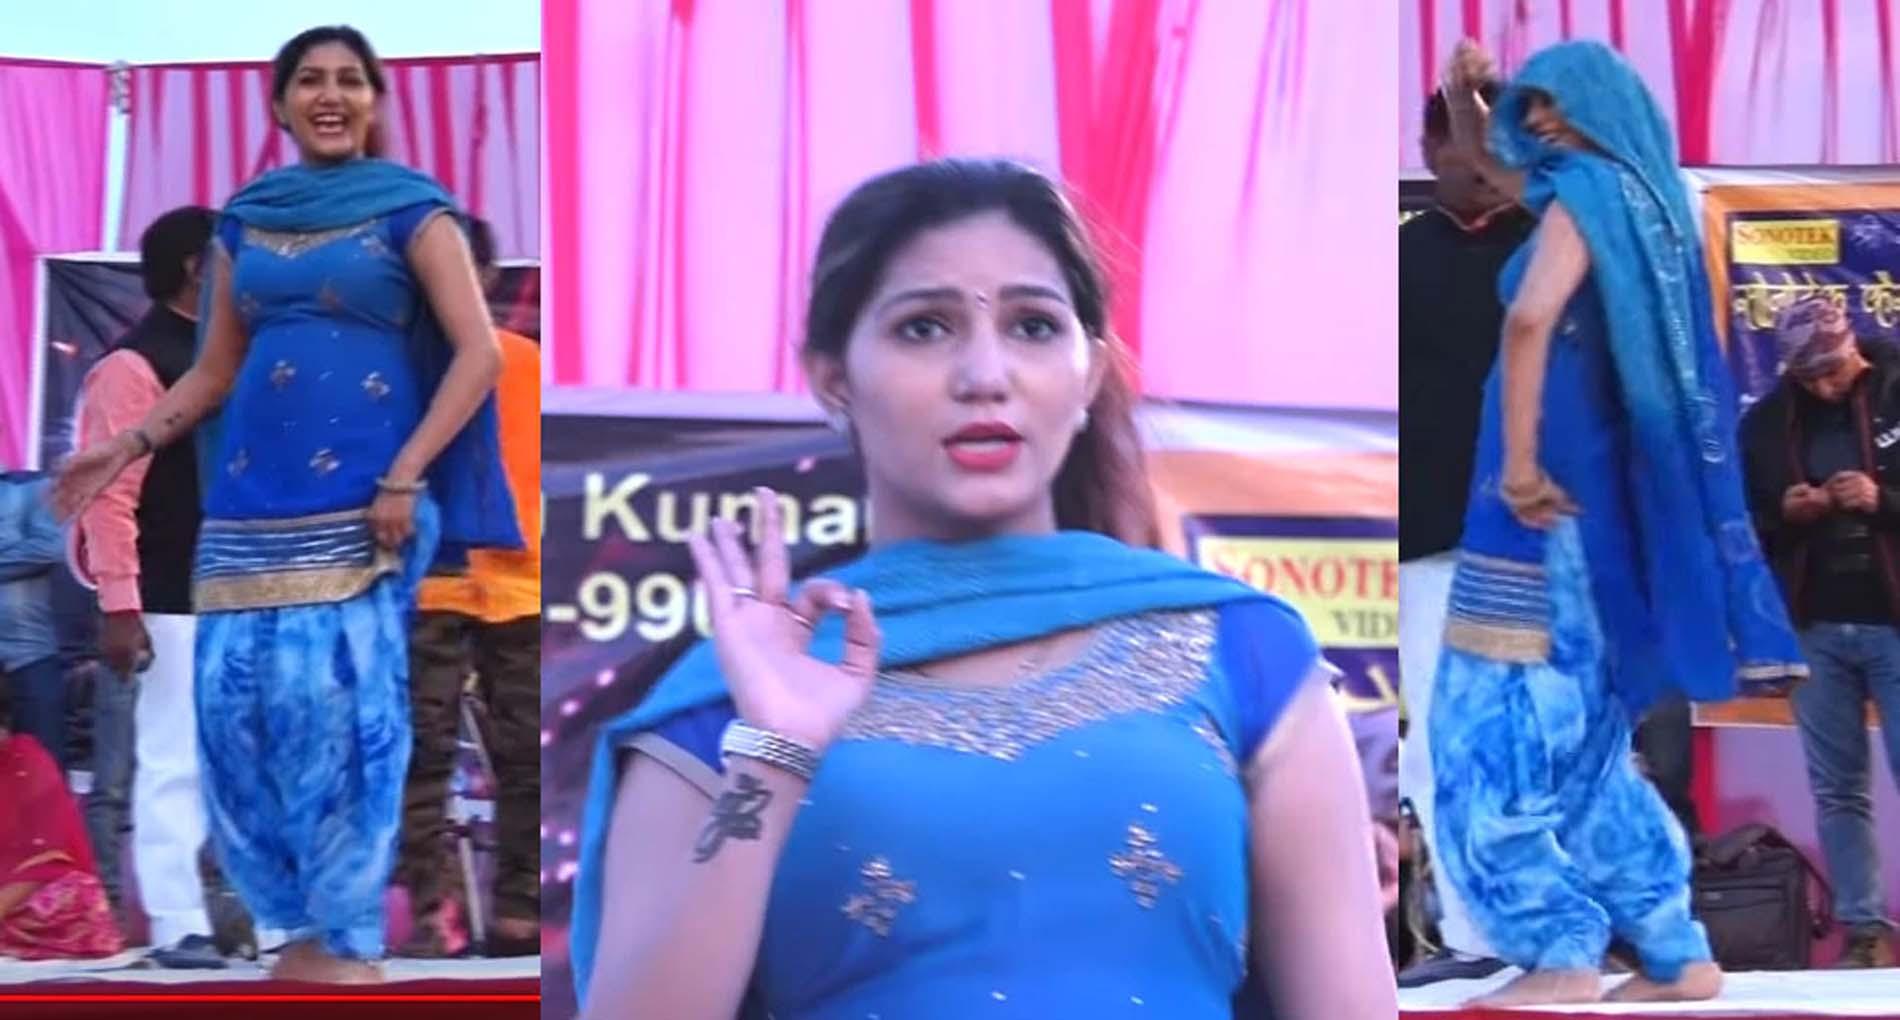 Sapna Choudhary Dance Video: सपना चौधरी ने इस गाने पर किया जोरदार डांस! फैंस हुए दीवाने